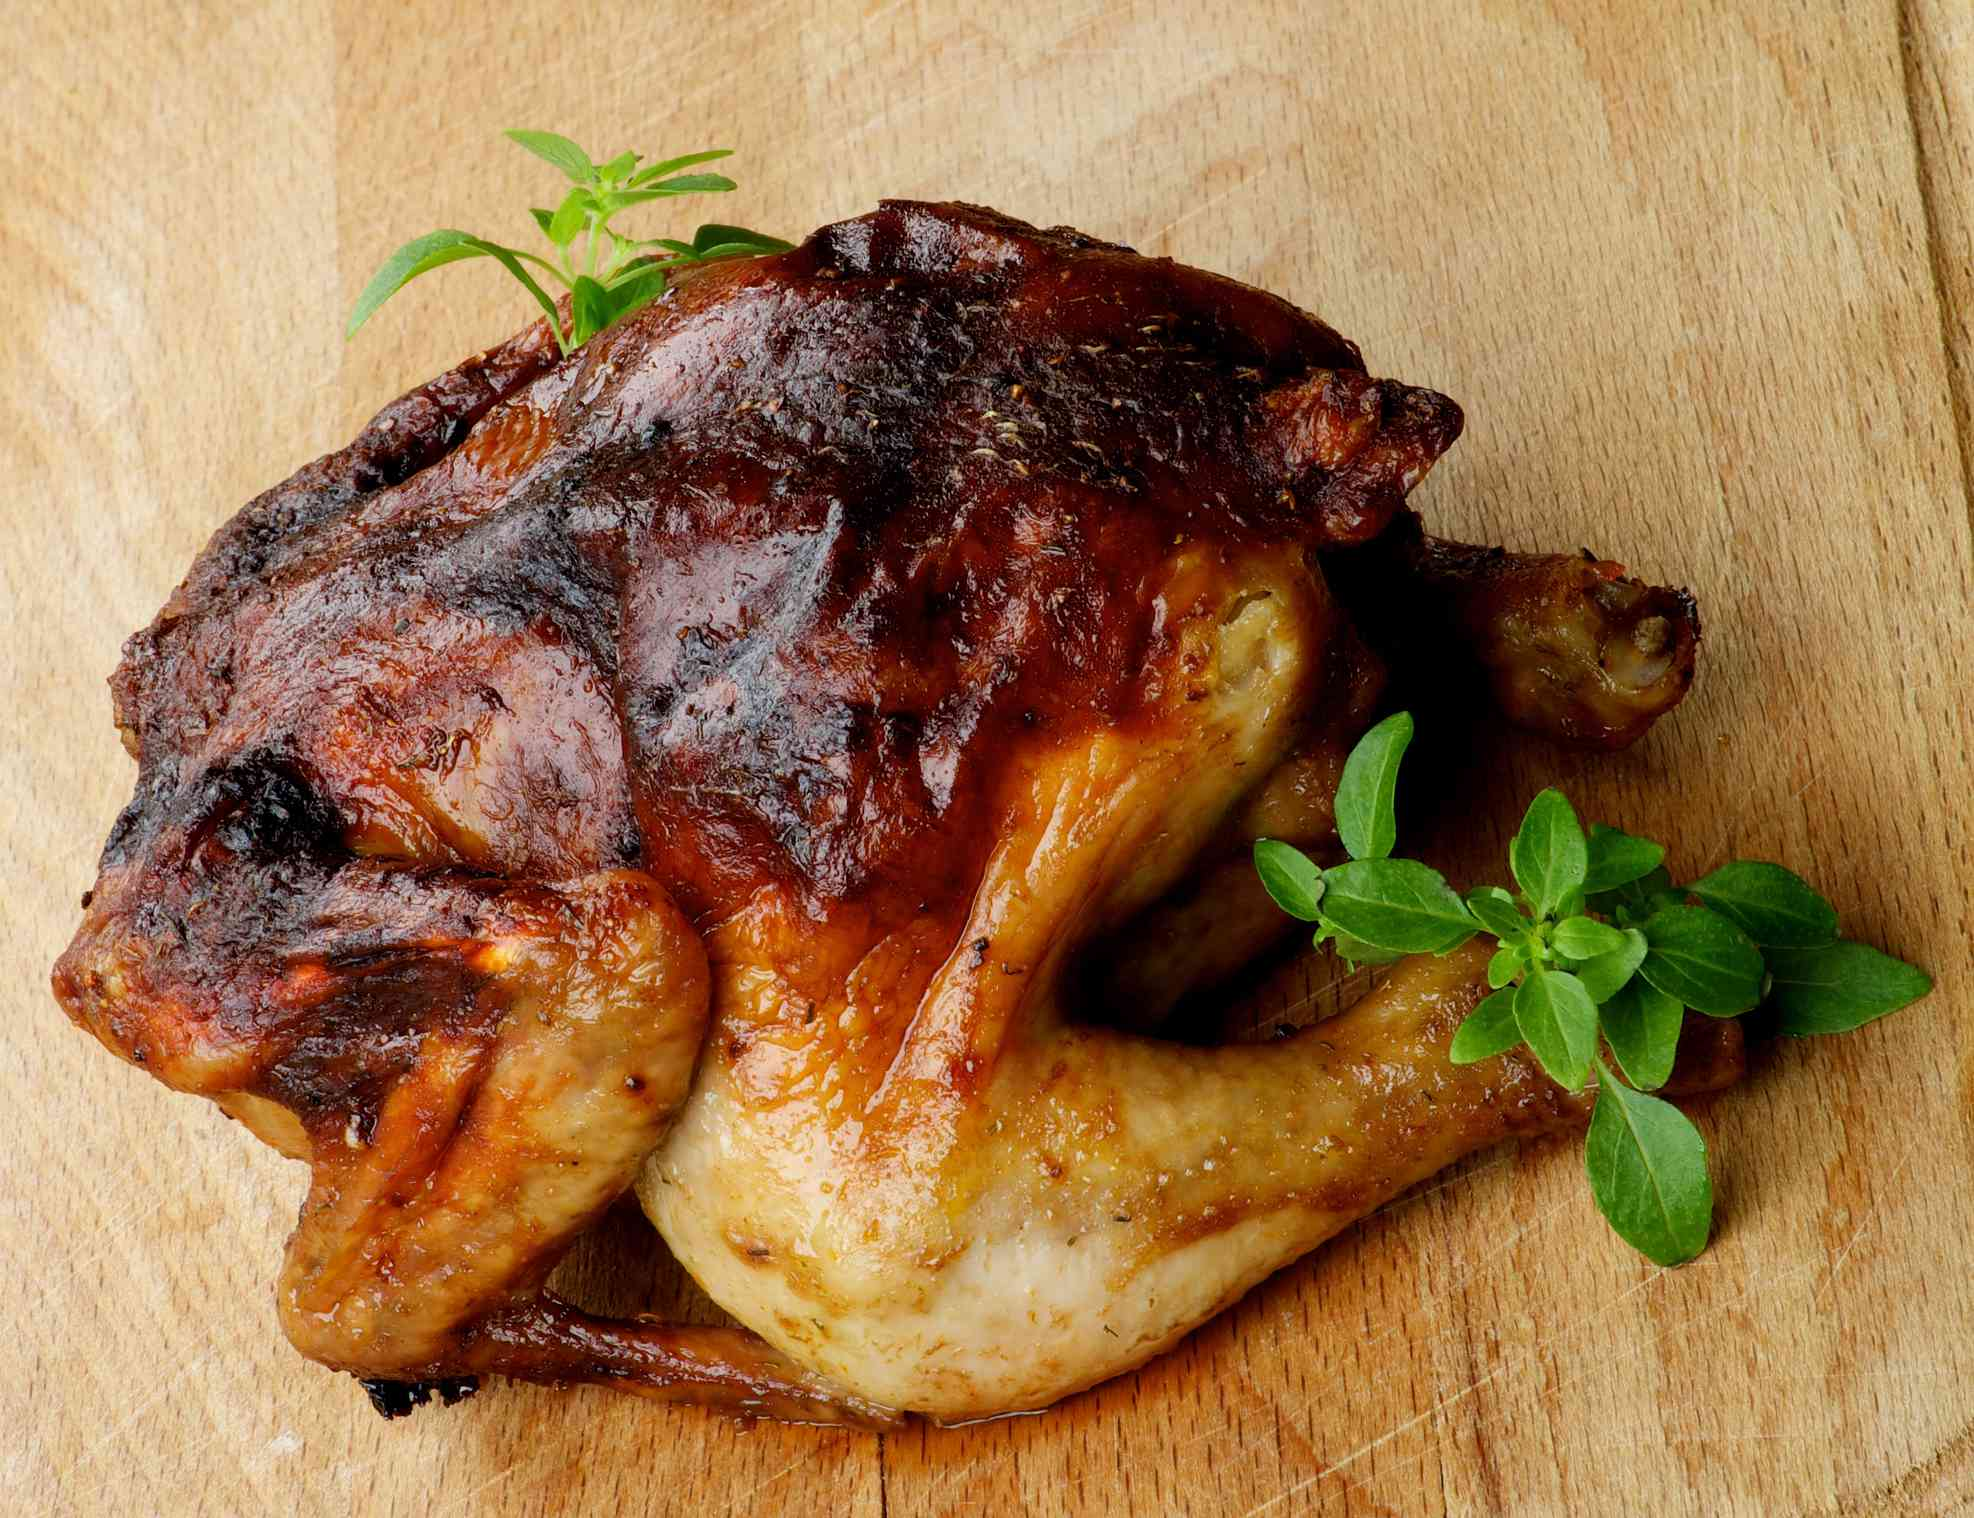 Glazed rotisserie chicken on cutting board